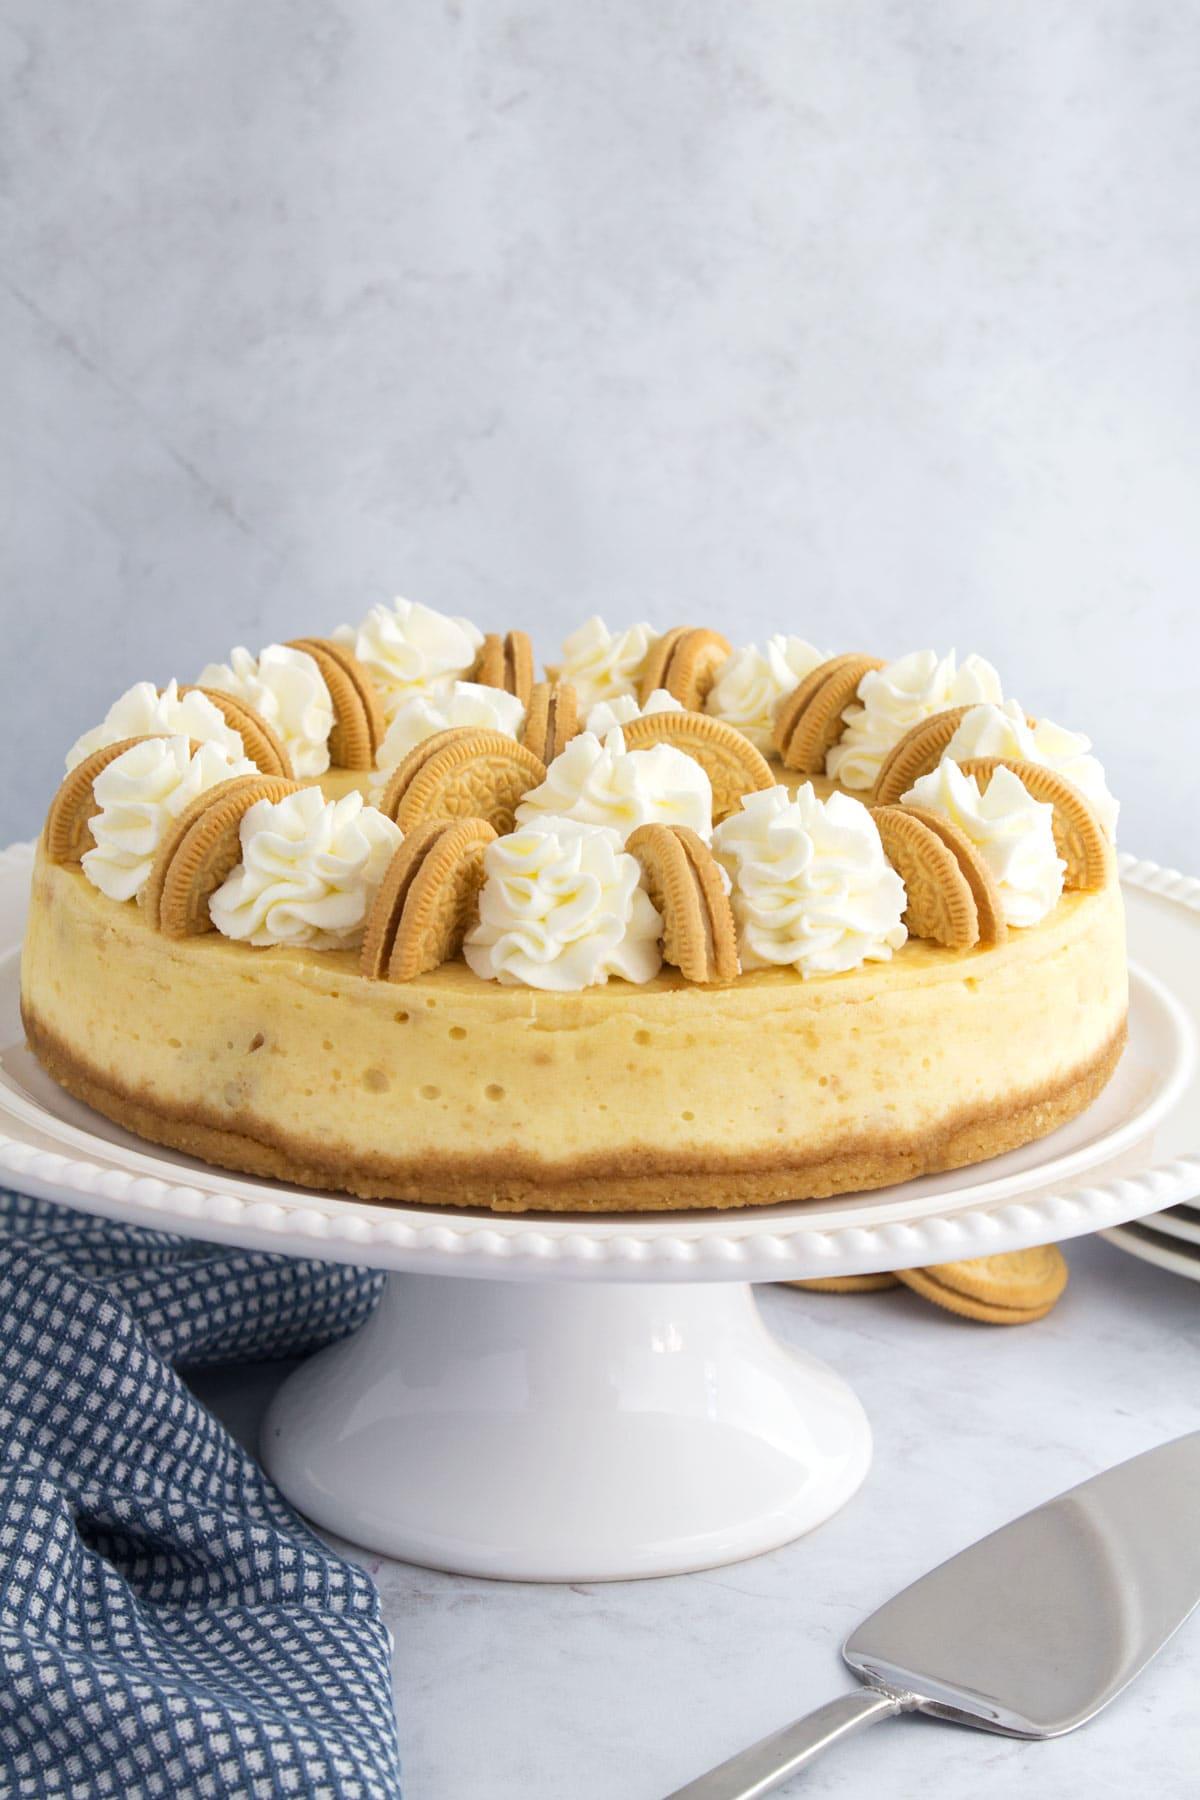 Whole white oreo cheesecake on white cake stand.